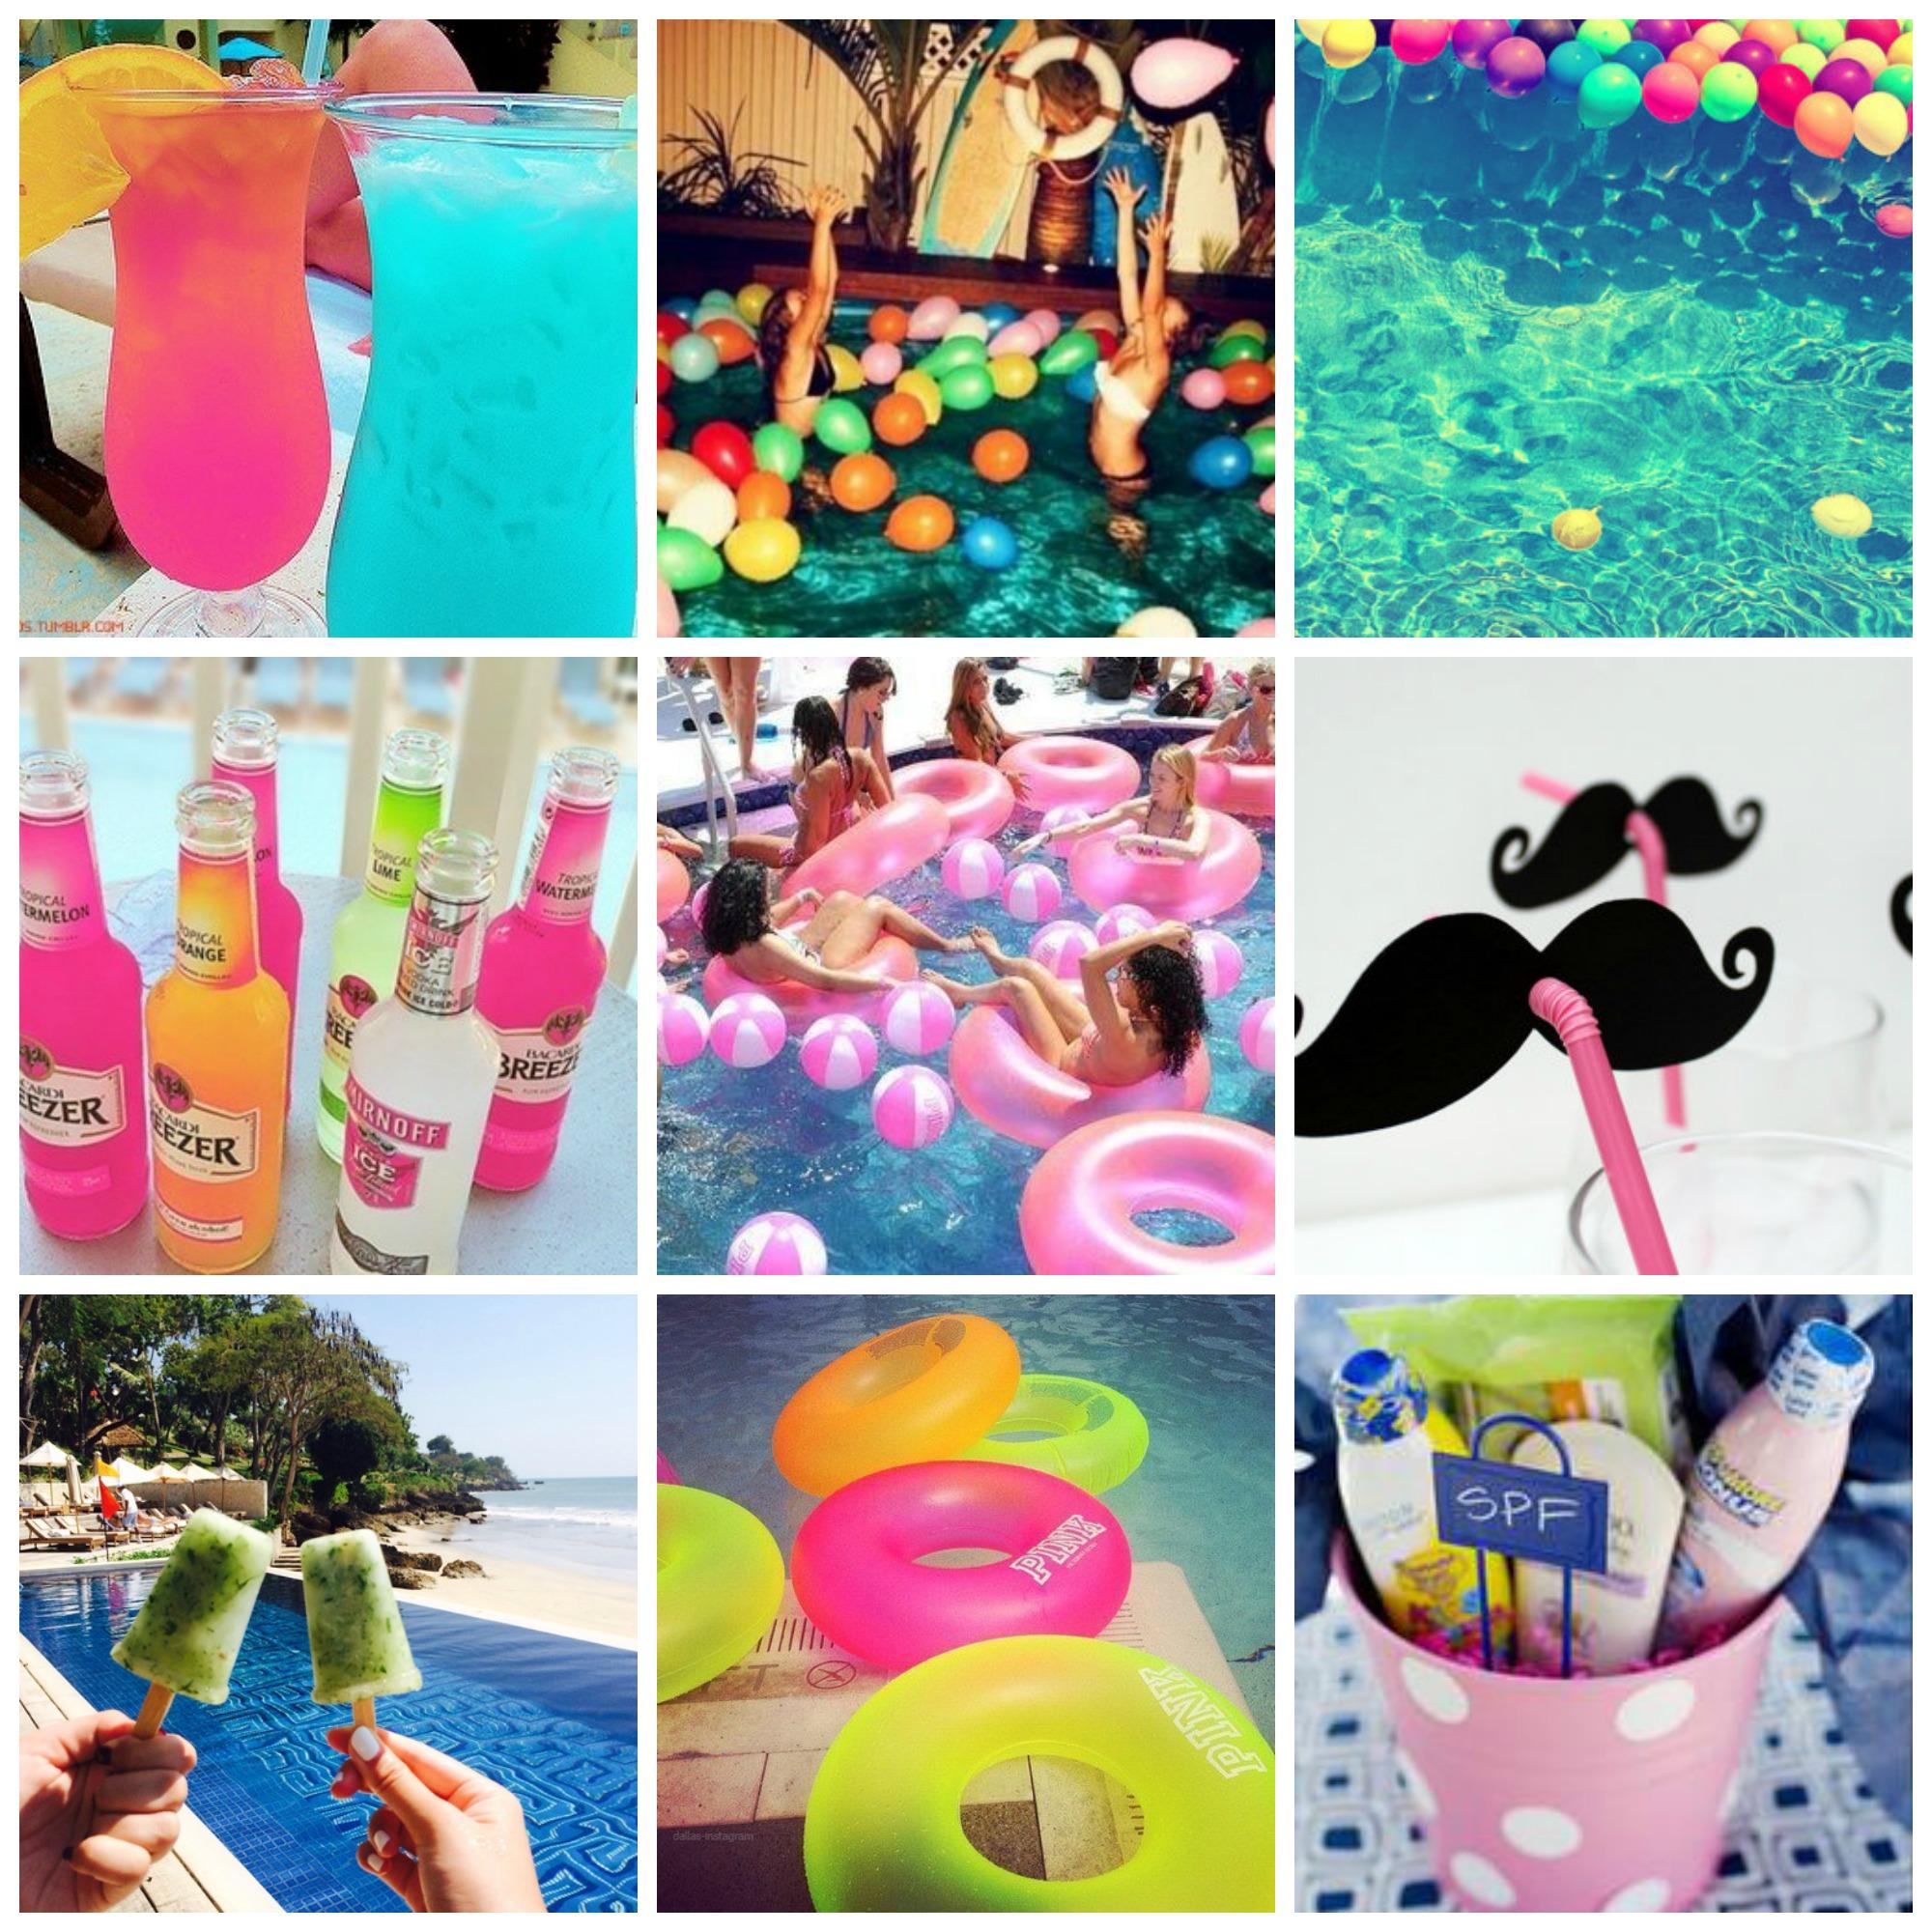 Como organizar uma pool party com toda classe for Piscina party